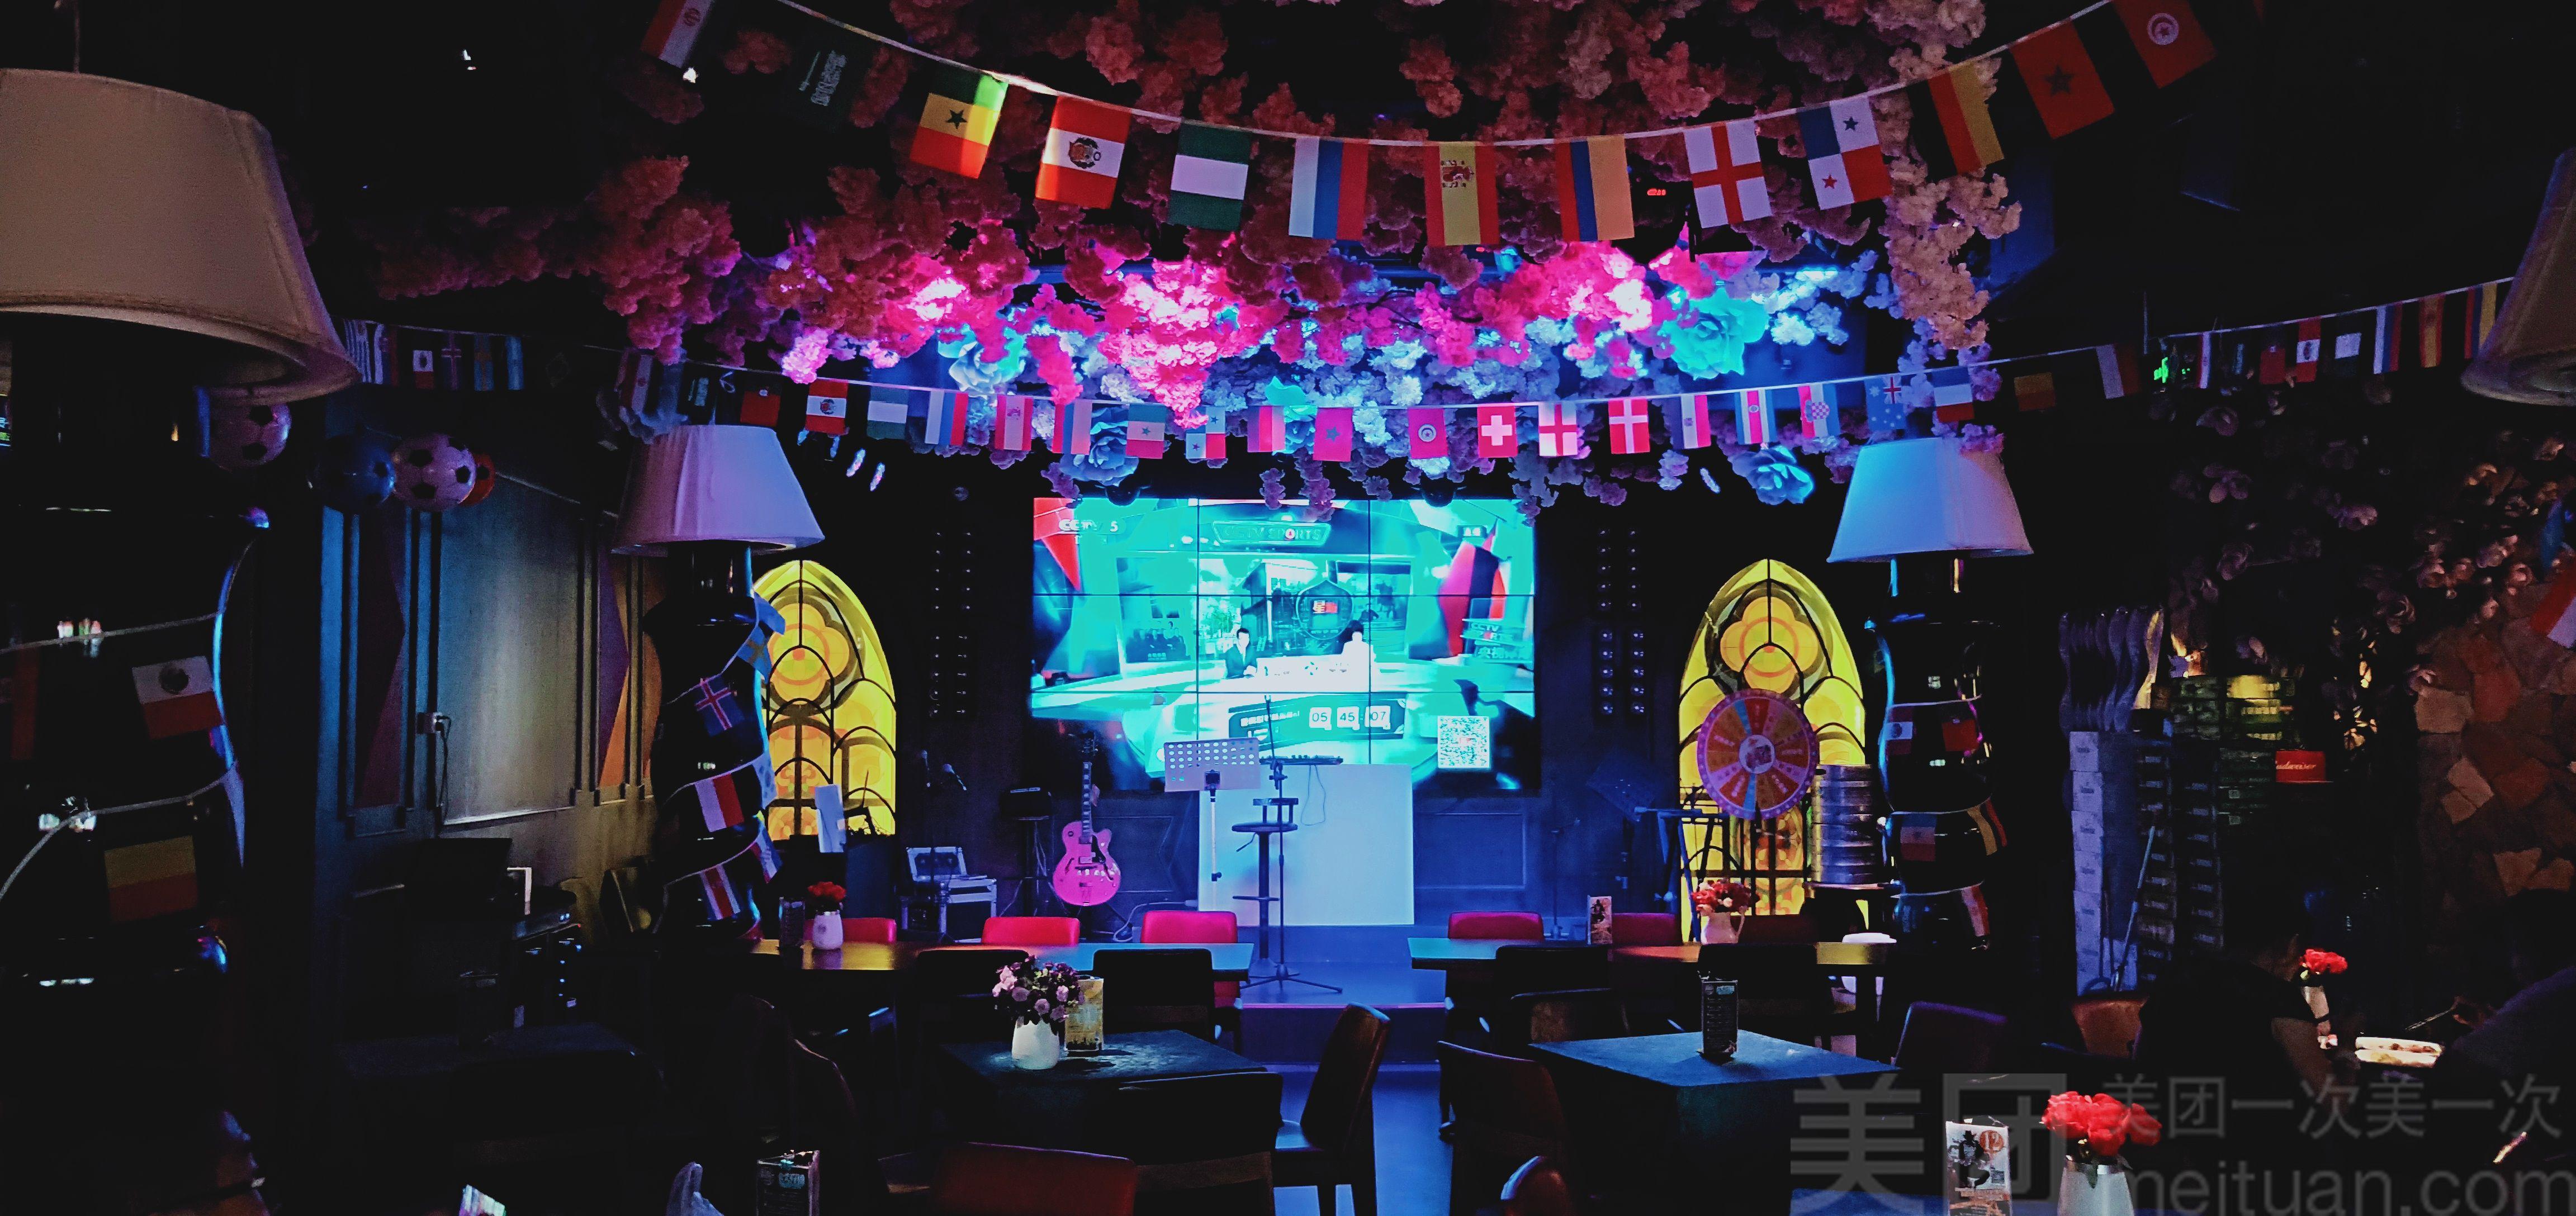 世界杯酒吧_【墨啡精致餐酒吧·私享影院】【世界杯直播】百威,海鲜套餐